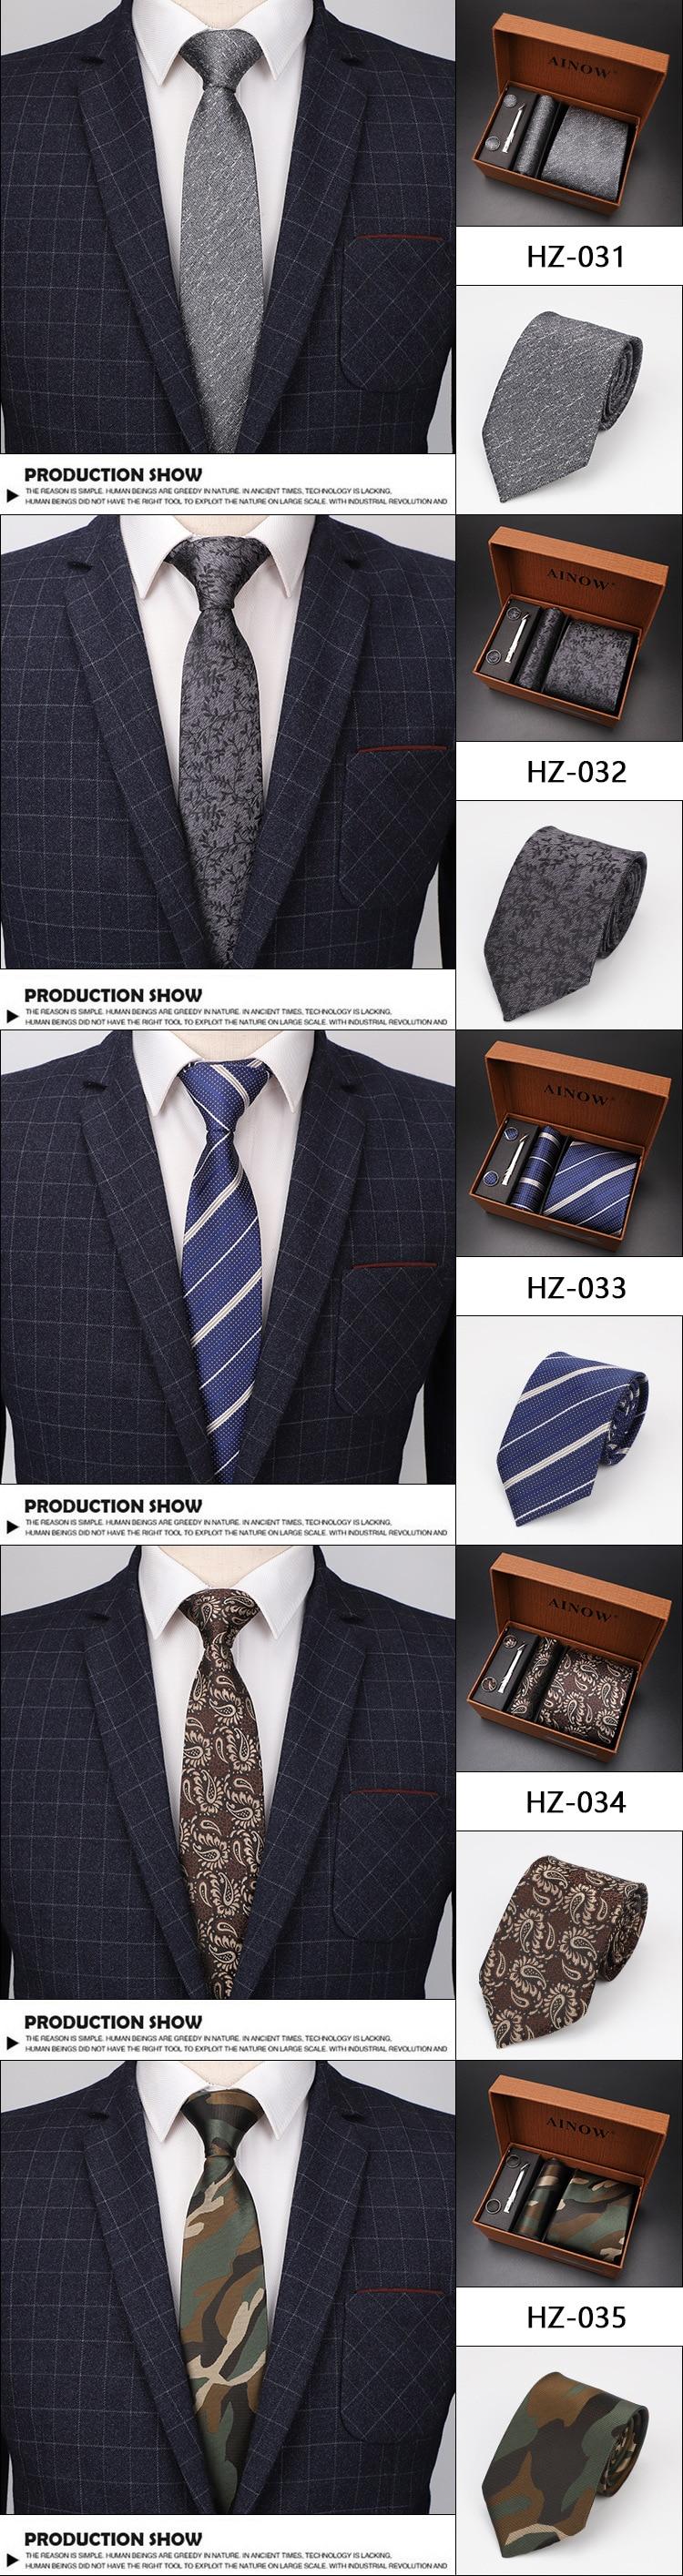 Набор галстуков 4 шт. мужской цветочный галстук для шеи клетчатый галстук подарок свадебный красный полосатый 8 см темно-синий жаккардовый тканый черный однотонный Камуфляжный ящик